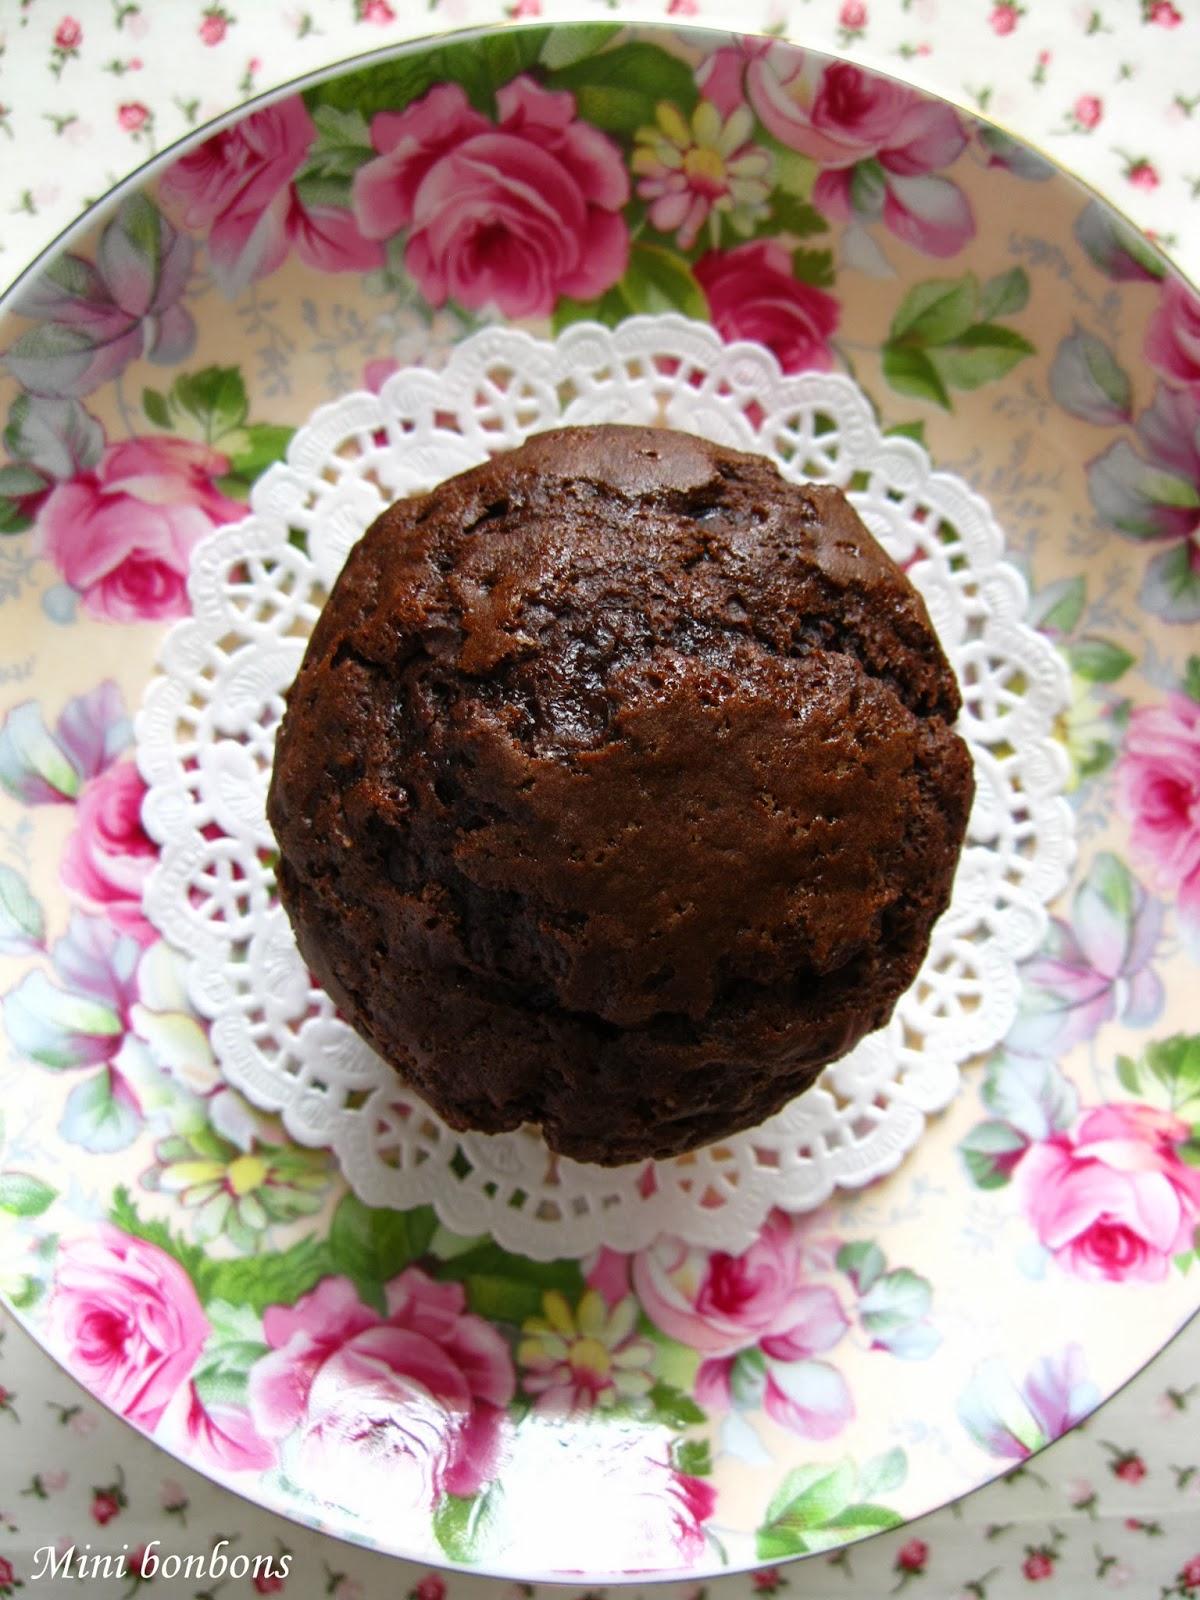 muffin senza colpa... senza burro, uova, latte